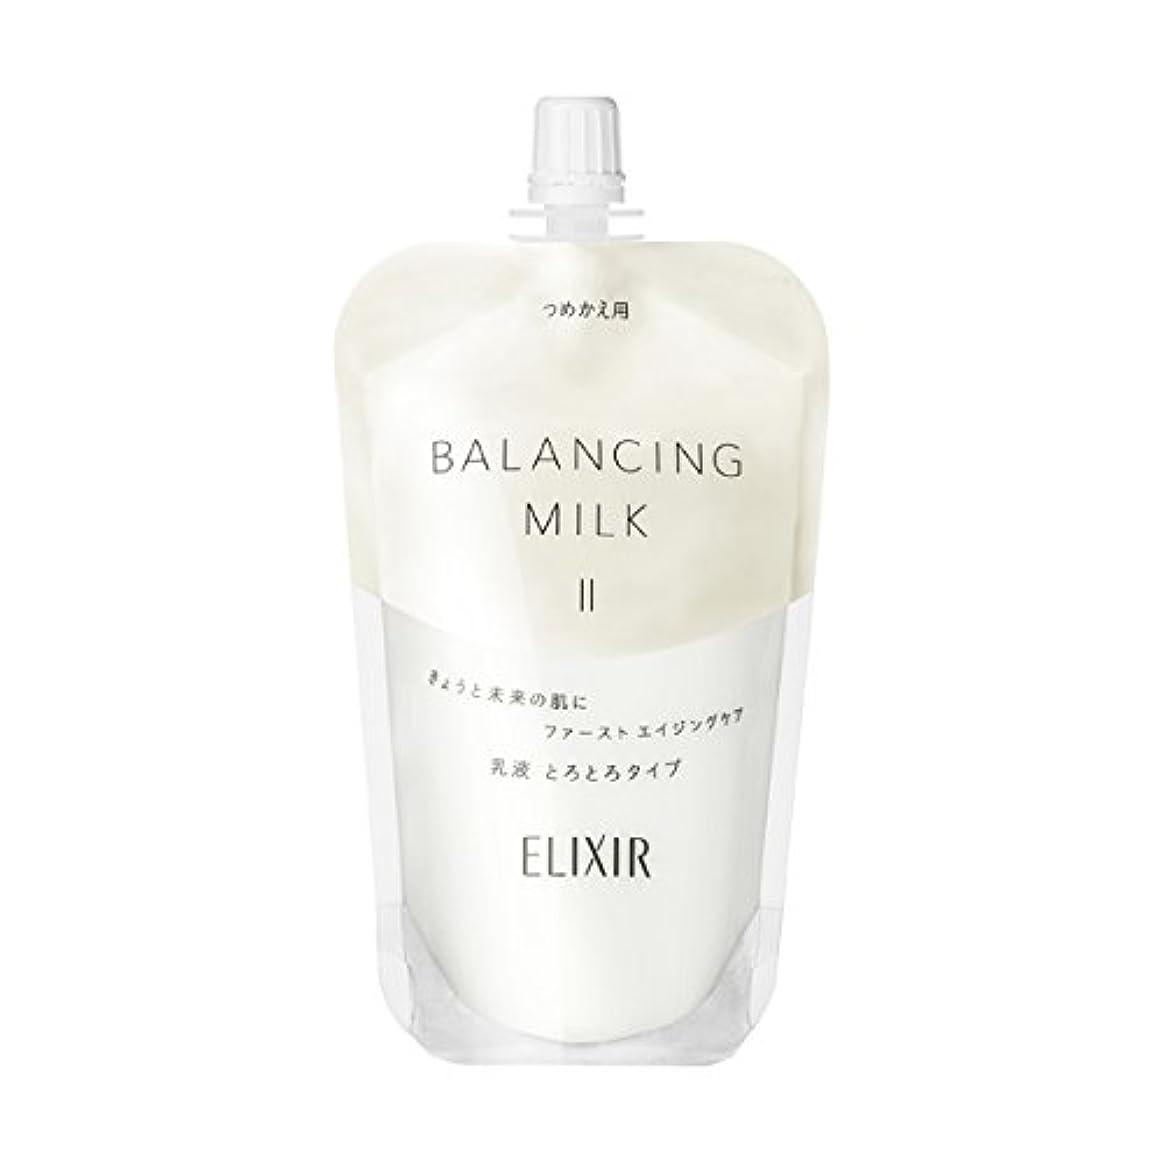 性格ハブブフォアタイプエリクシール ルフレ バランシング ミルク 乳液 2 (とろとろタイプ) (つめかえ用) 110mL